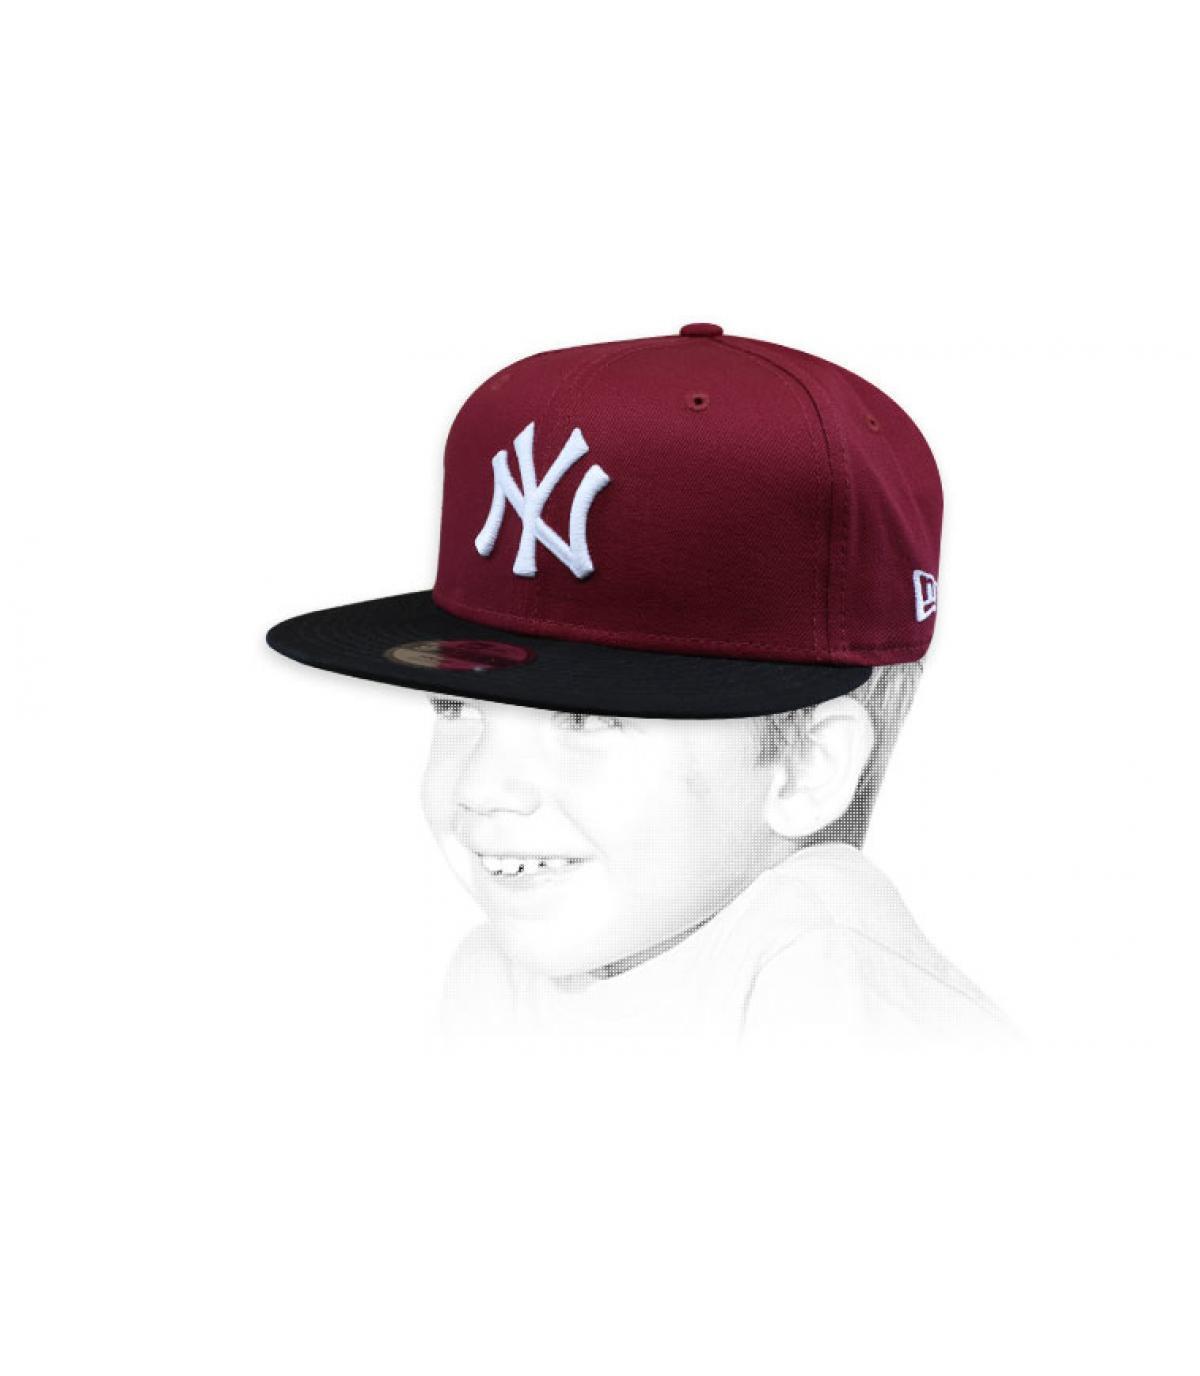 casquette enfant NY bordeaux noir